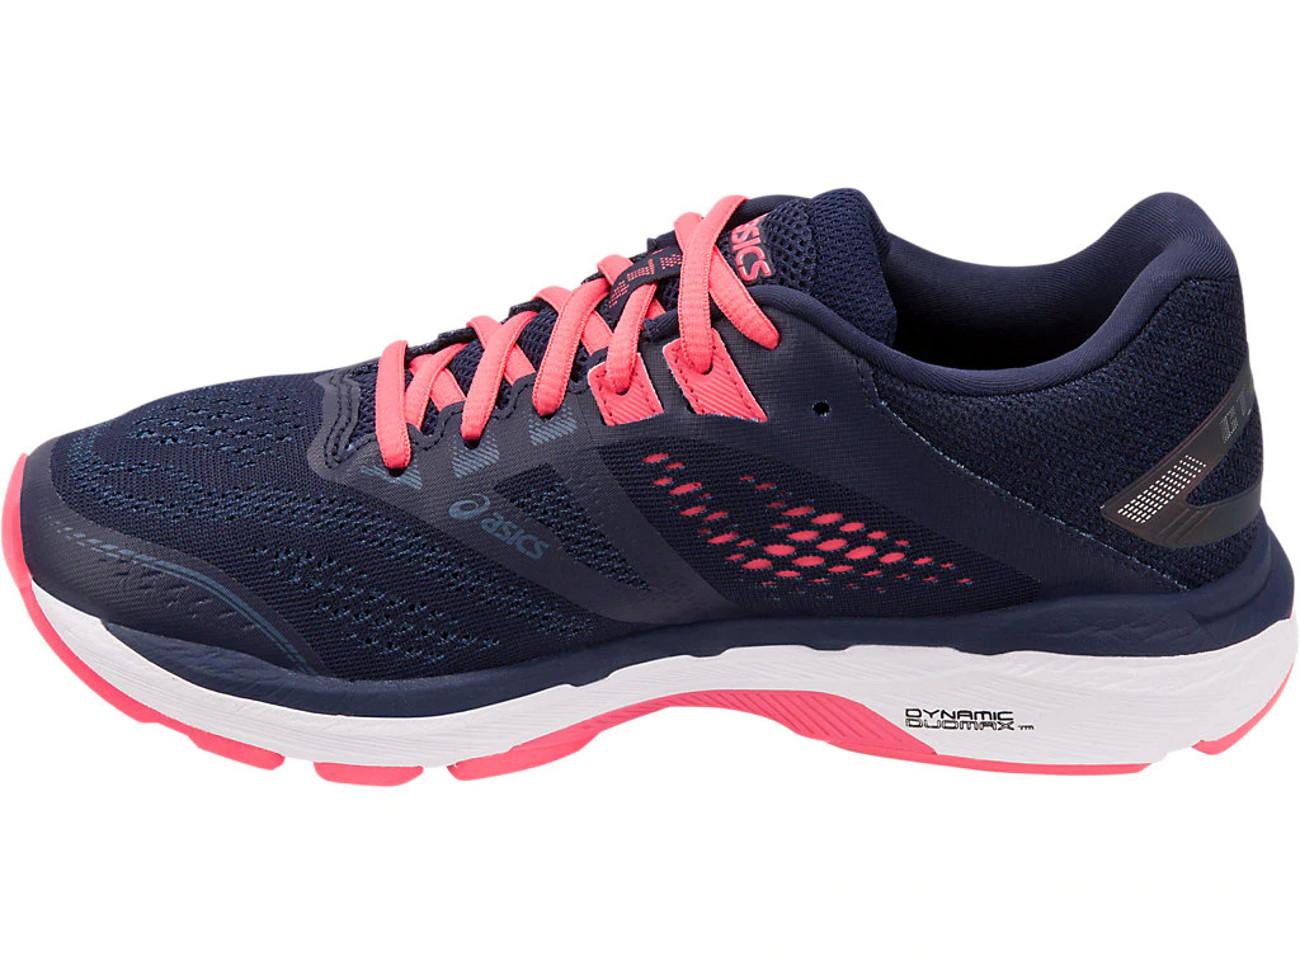 Asics GT 2000 7 Laufschuhe Damen Schuhe Sportschuhe Jogging